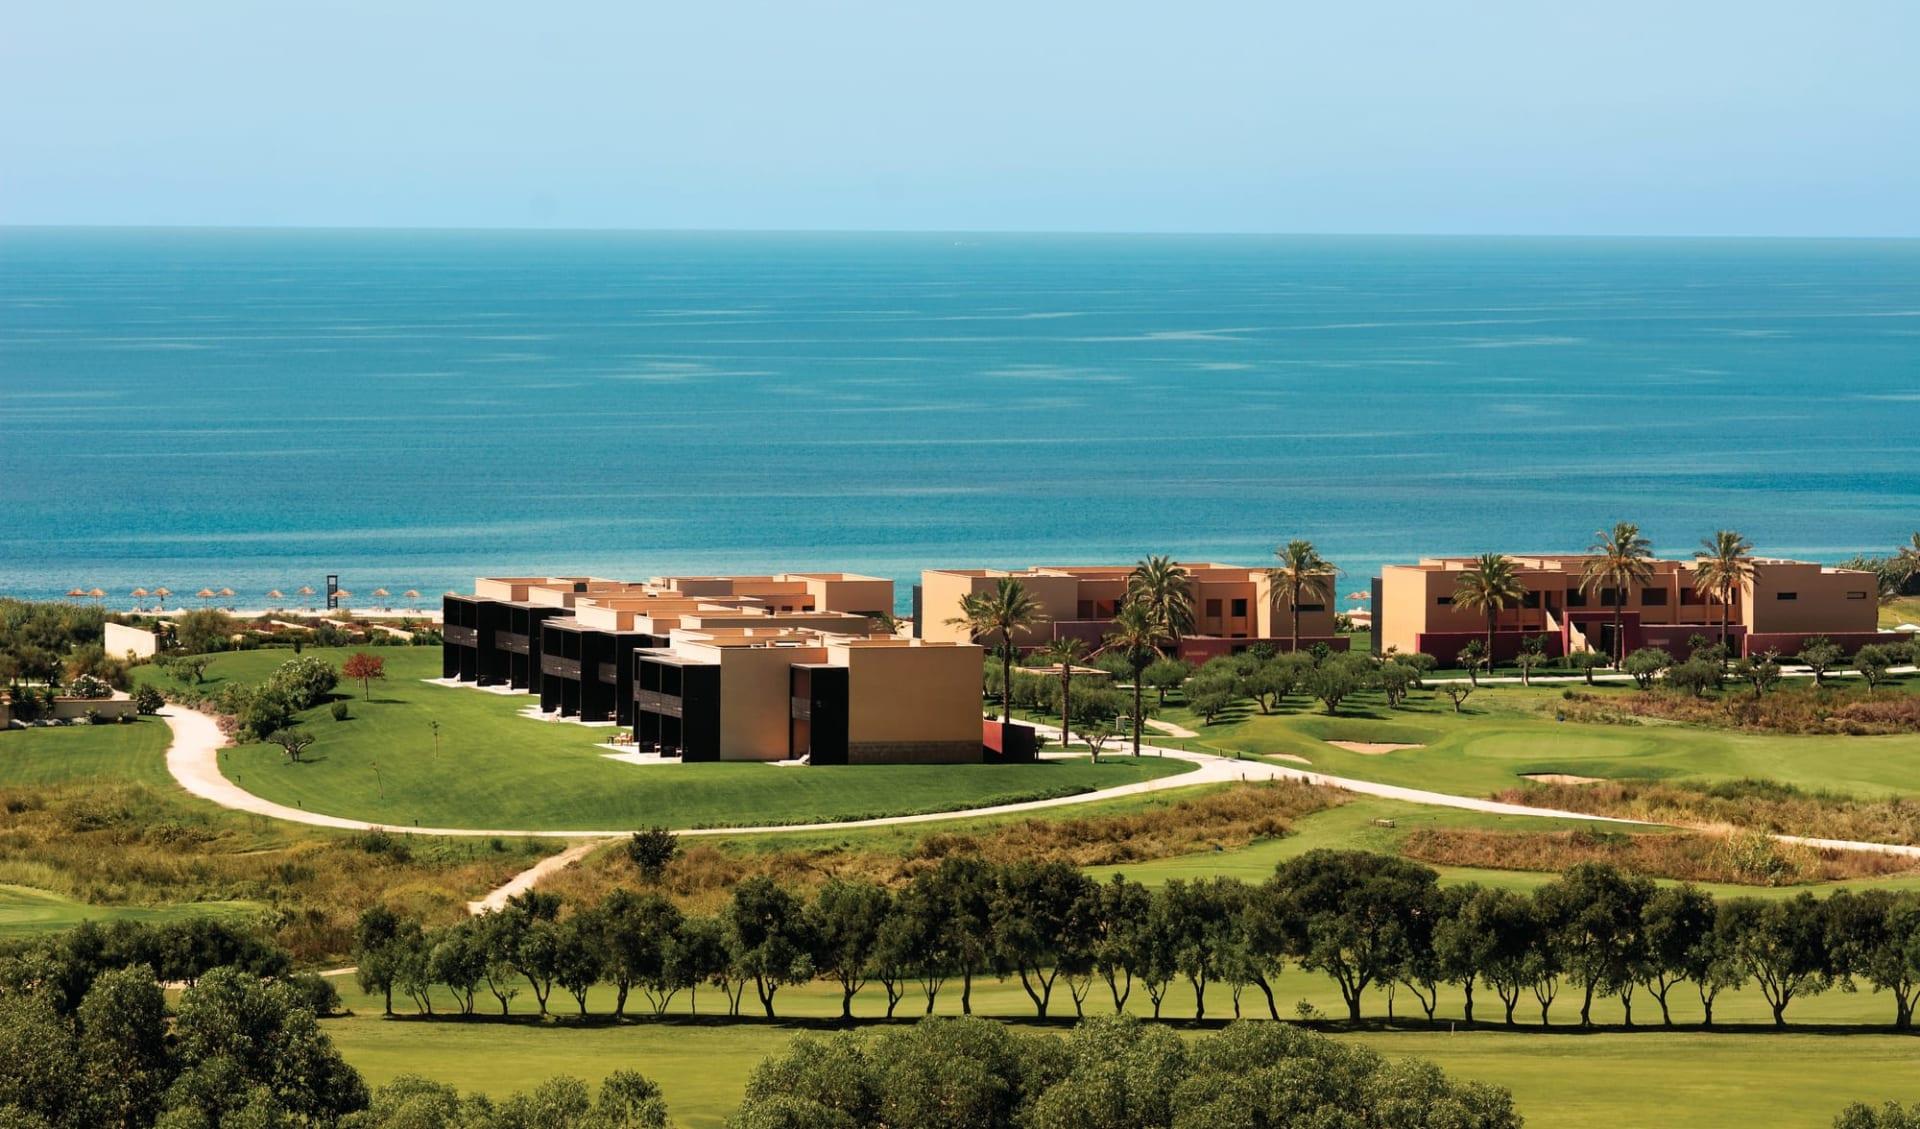 Verdura Resort in Sciacca: Verdura Resort - Übersicht gesamte Anlage